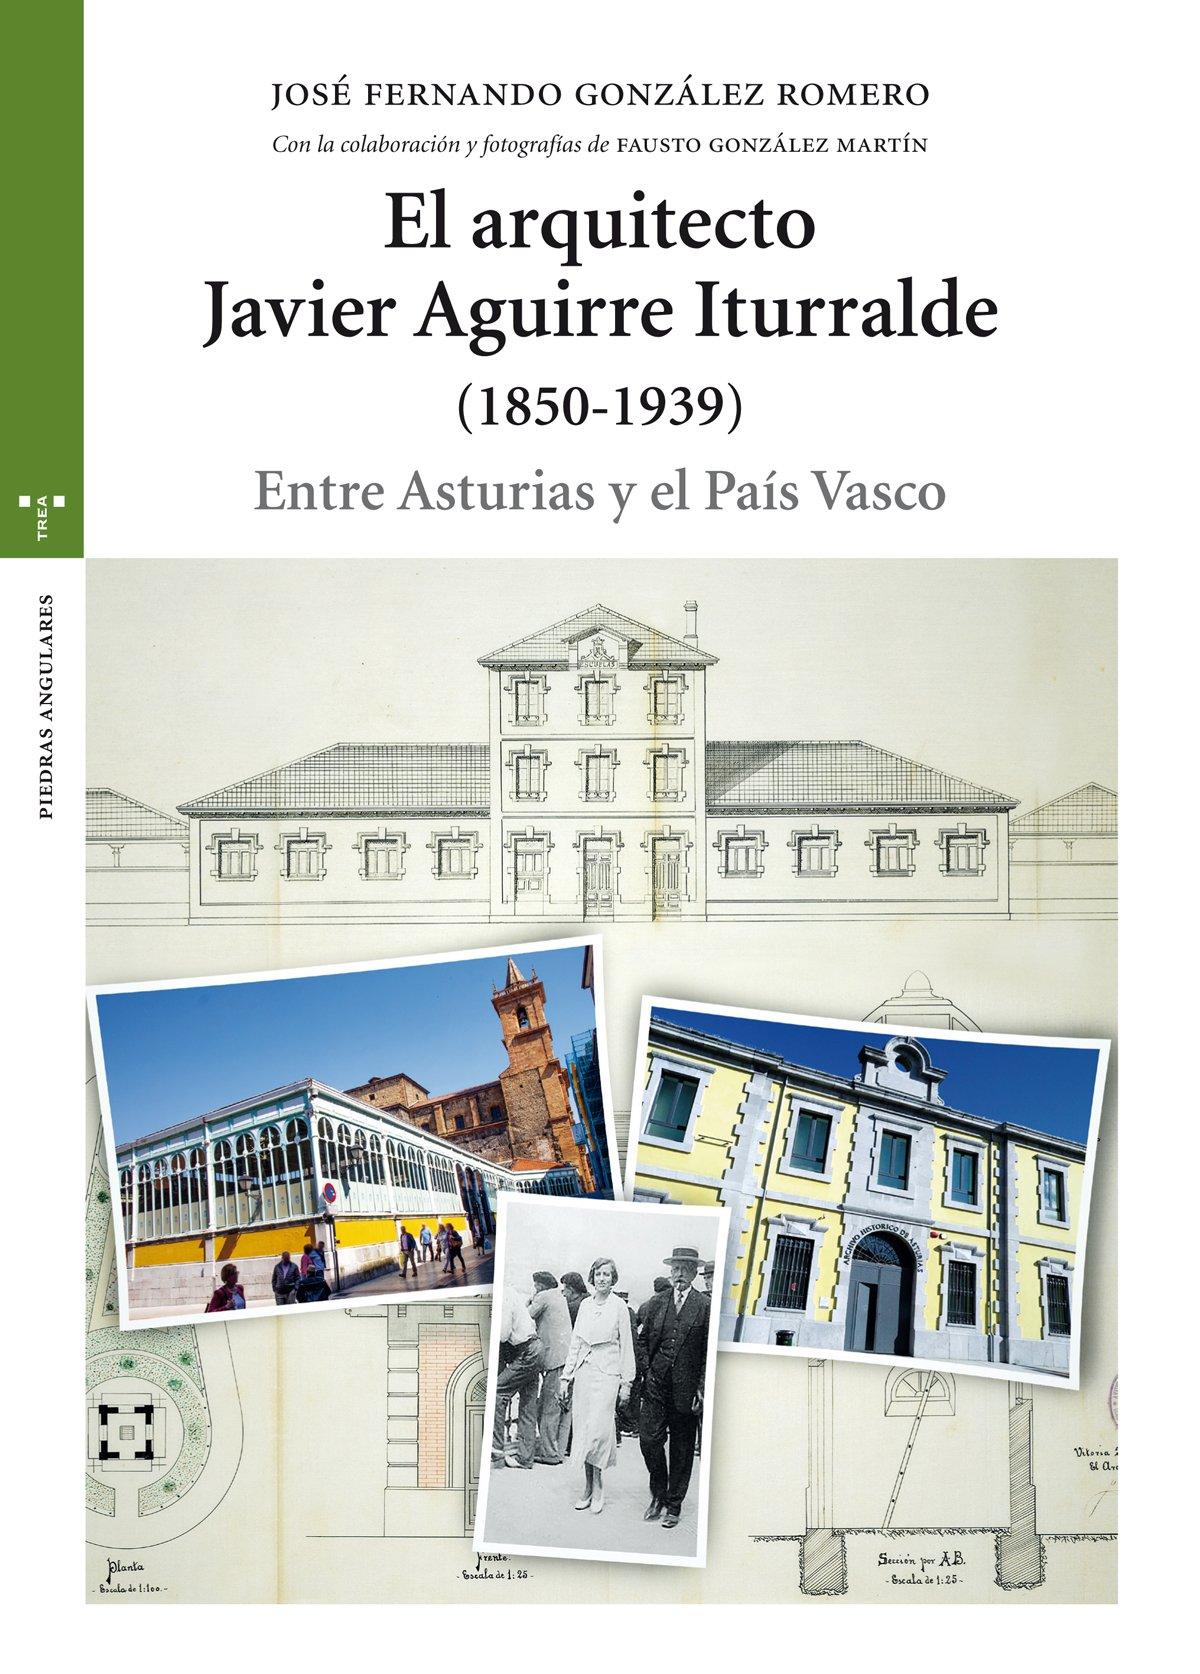 El arquitecto Javier Aguirre Iturralde Estudios Históricos La Olmeda: Amazon.es: José Fernando González Romero, Fausto González Martín: Libros